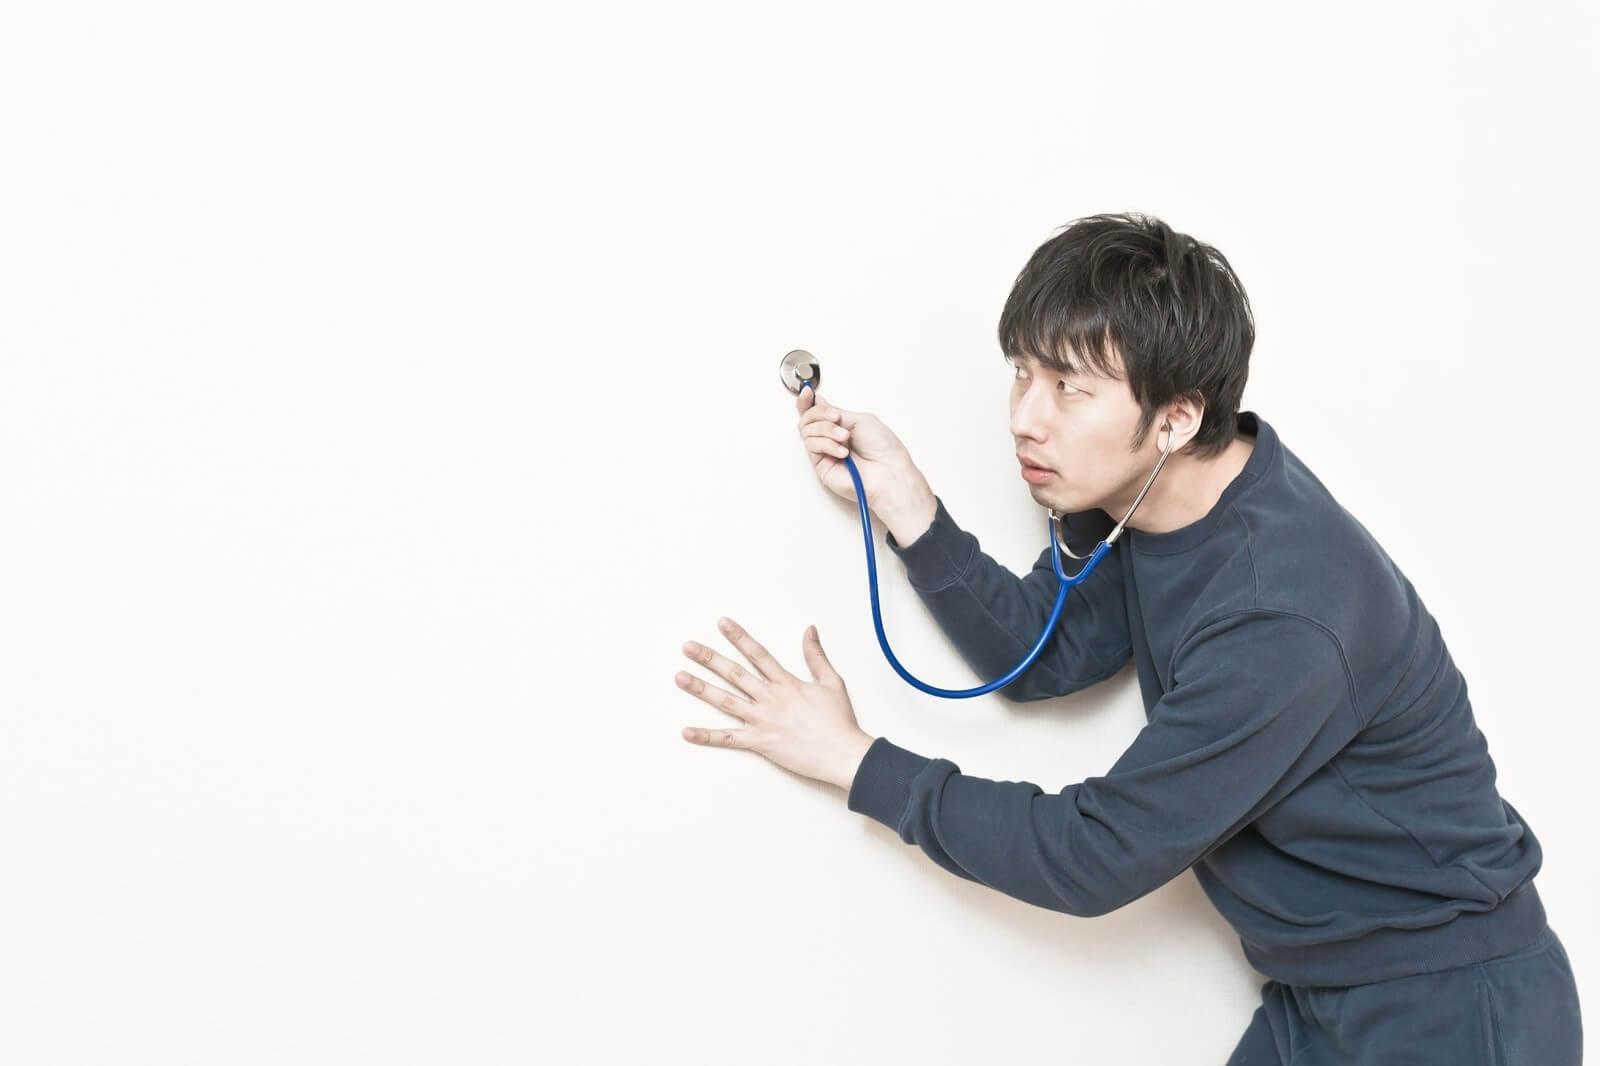 [熊本市新町]熊本のある事故物件で!同僚Aさんが退職した理由